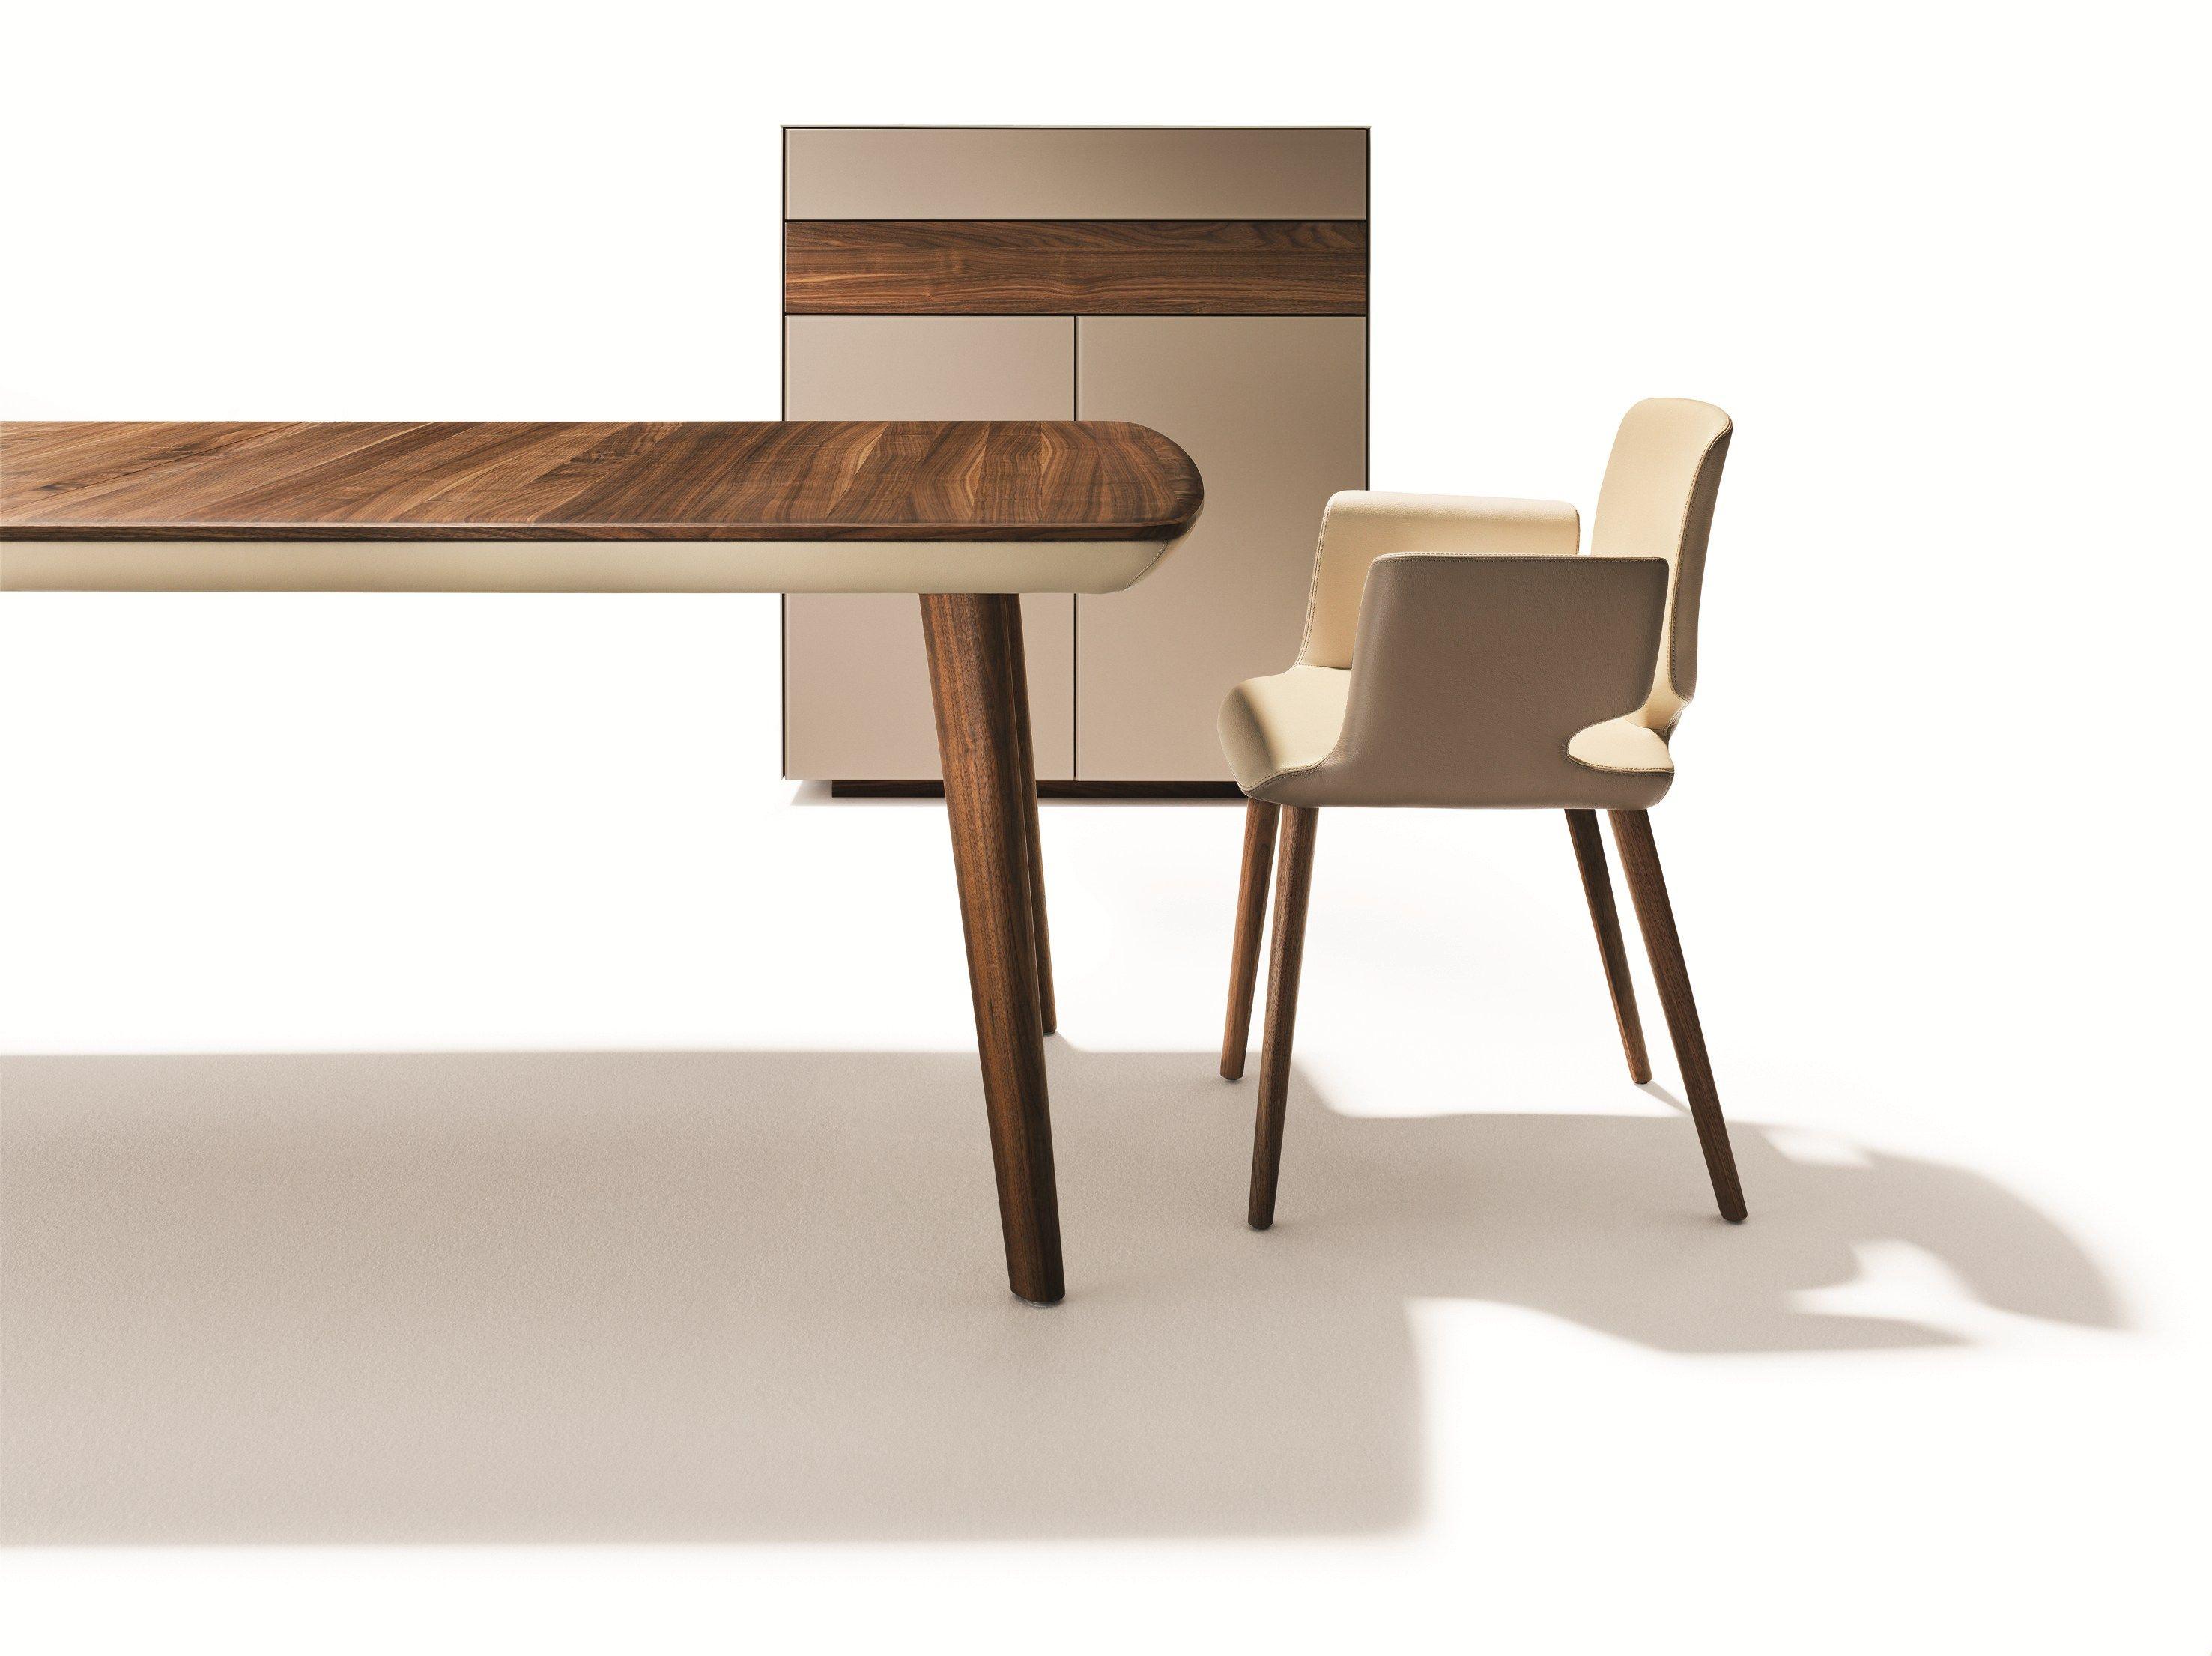 Flaye rechteckiger tisch by team 7 nat rlich wohnen design for Esstisch team 7